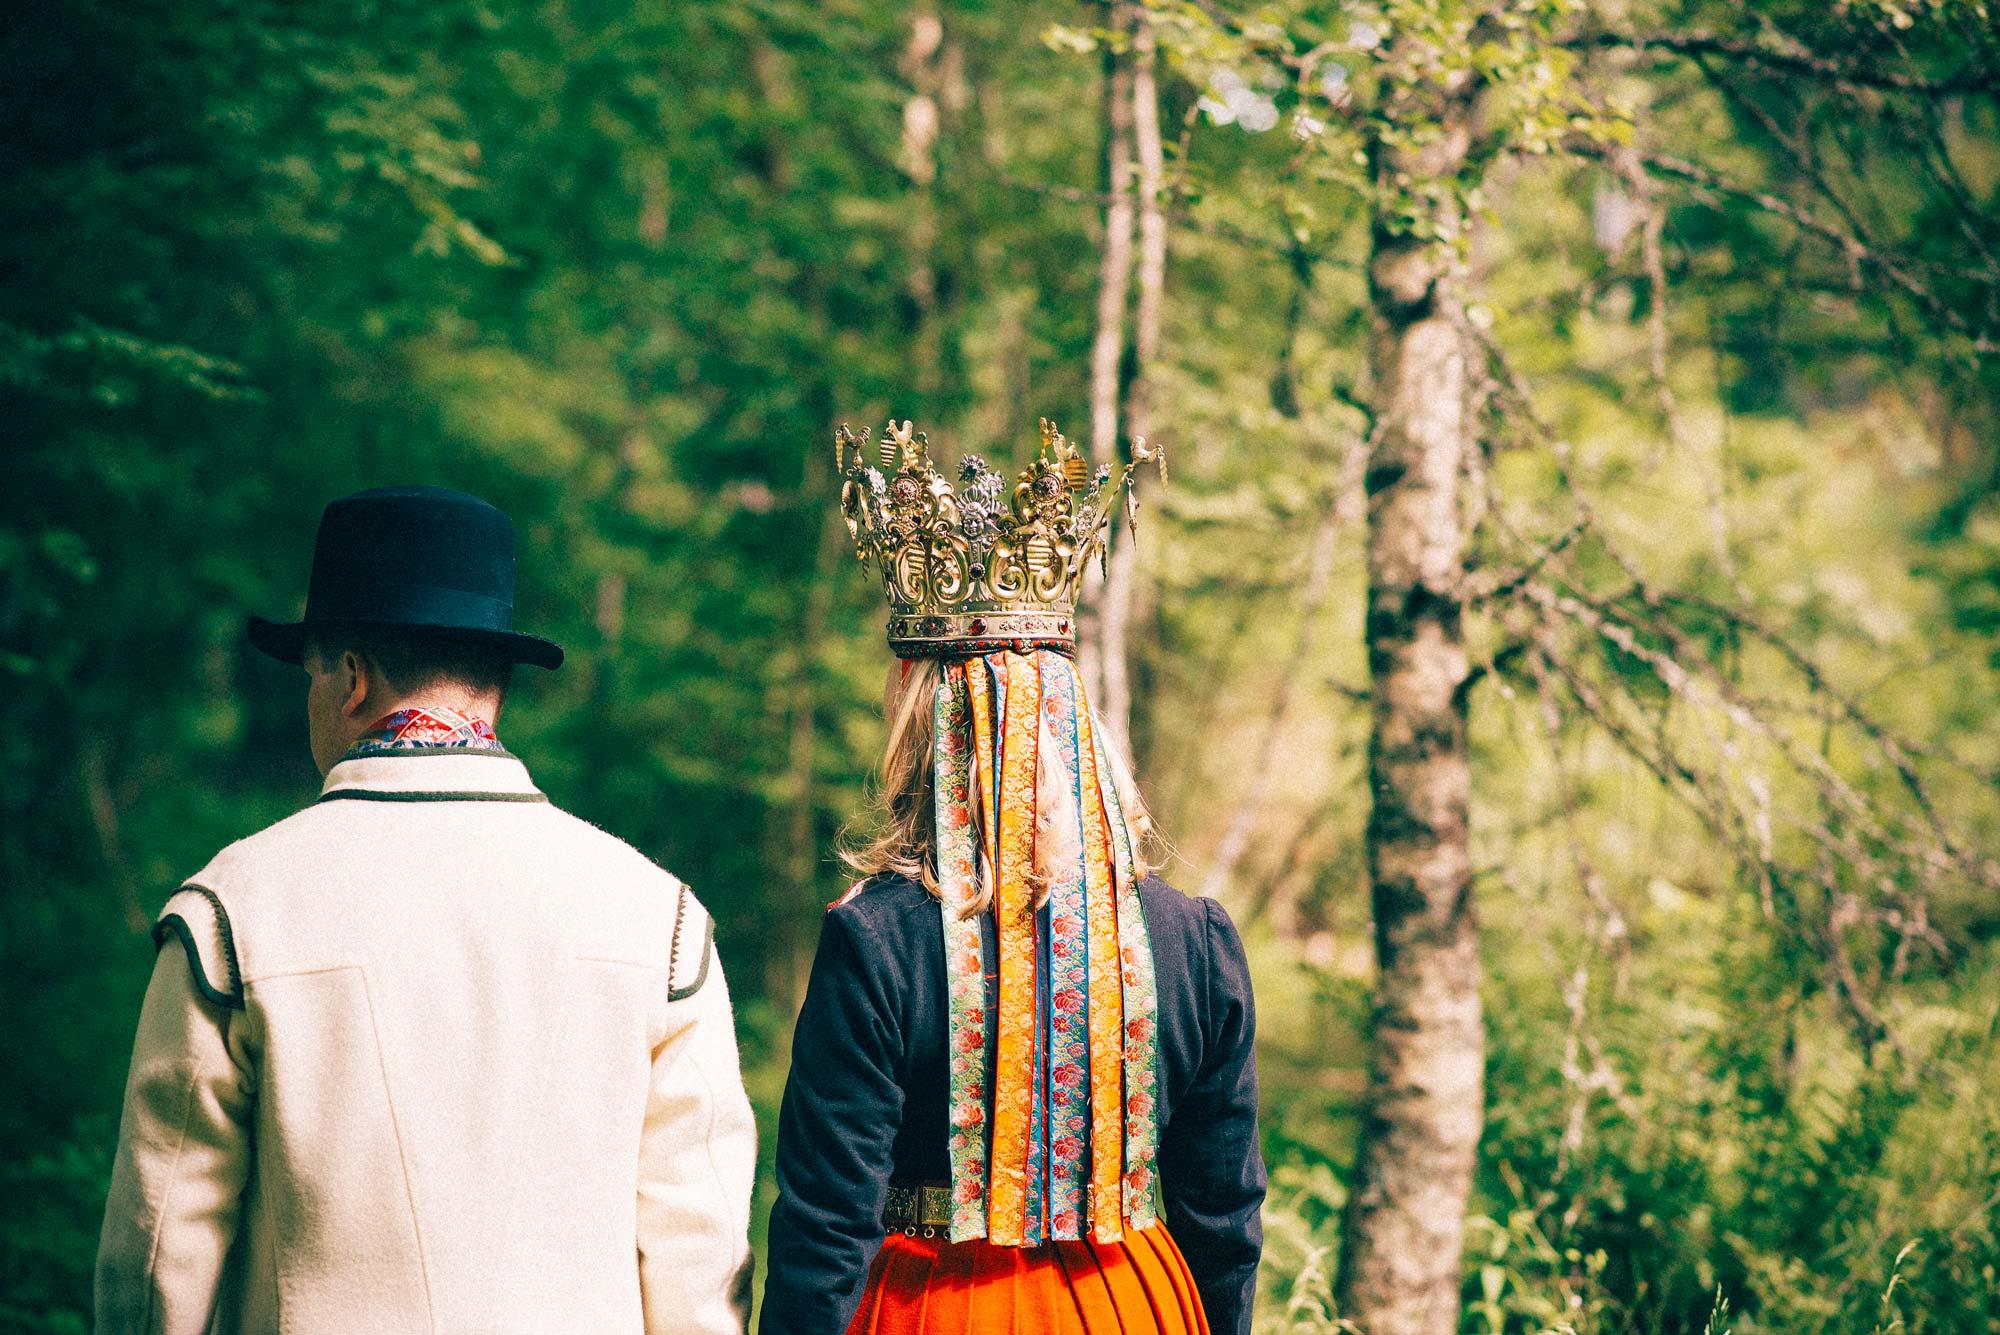 brud og brudgom går i skogen